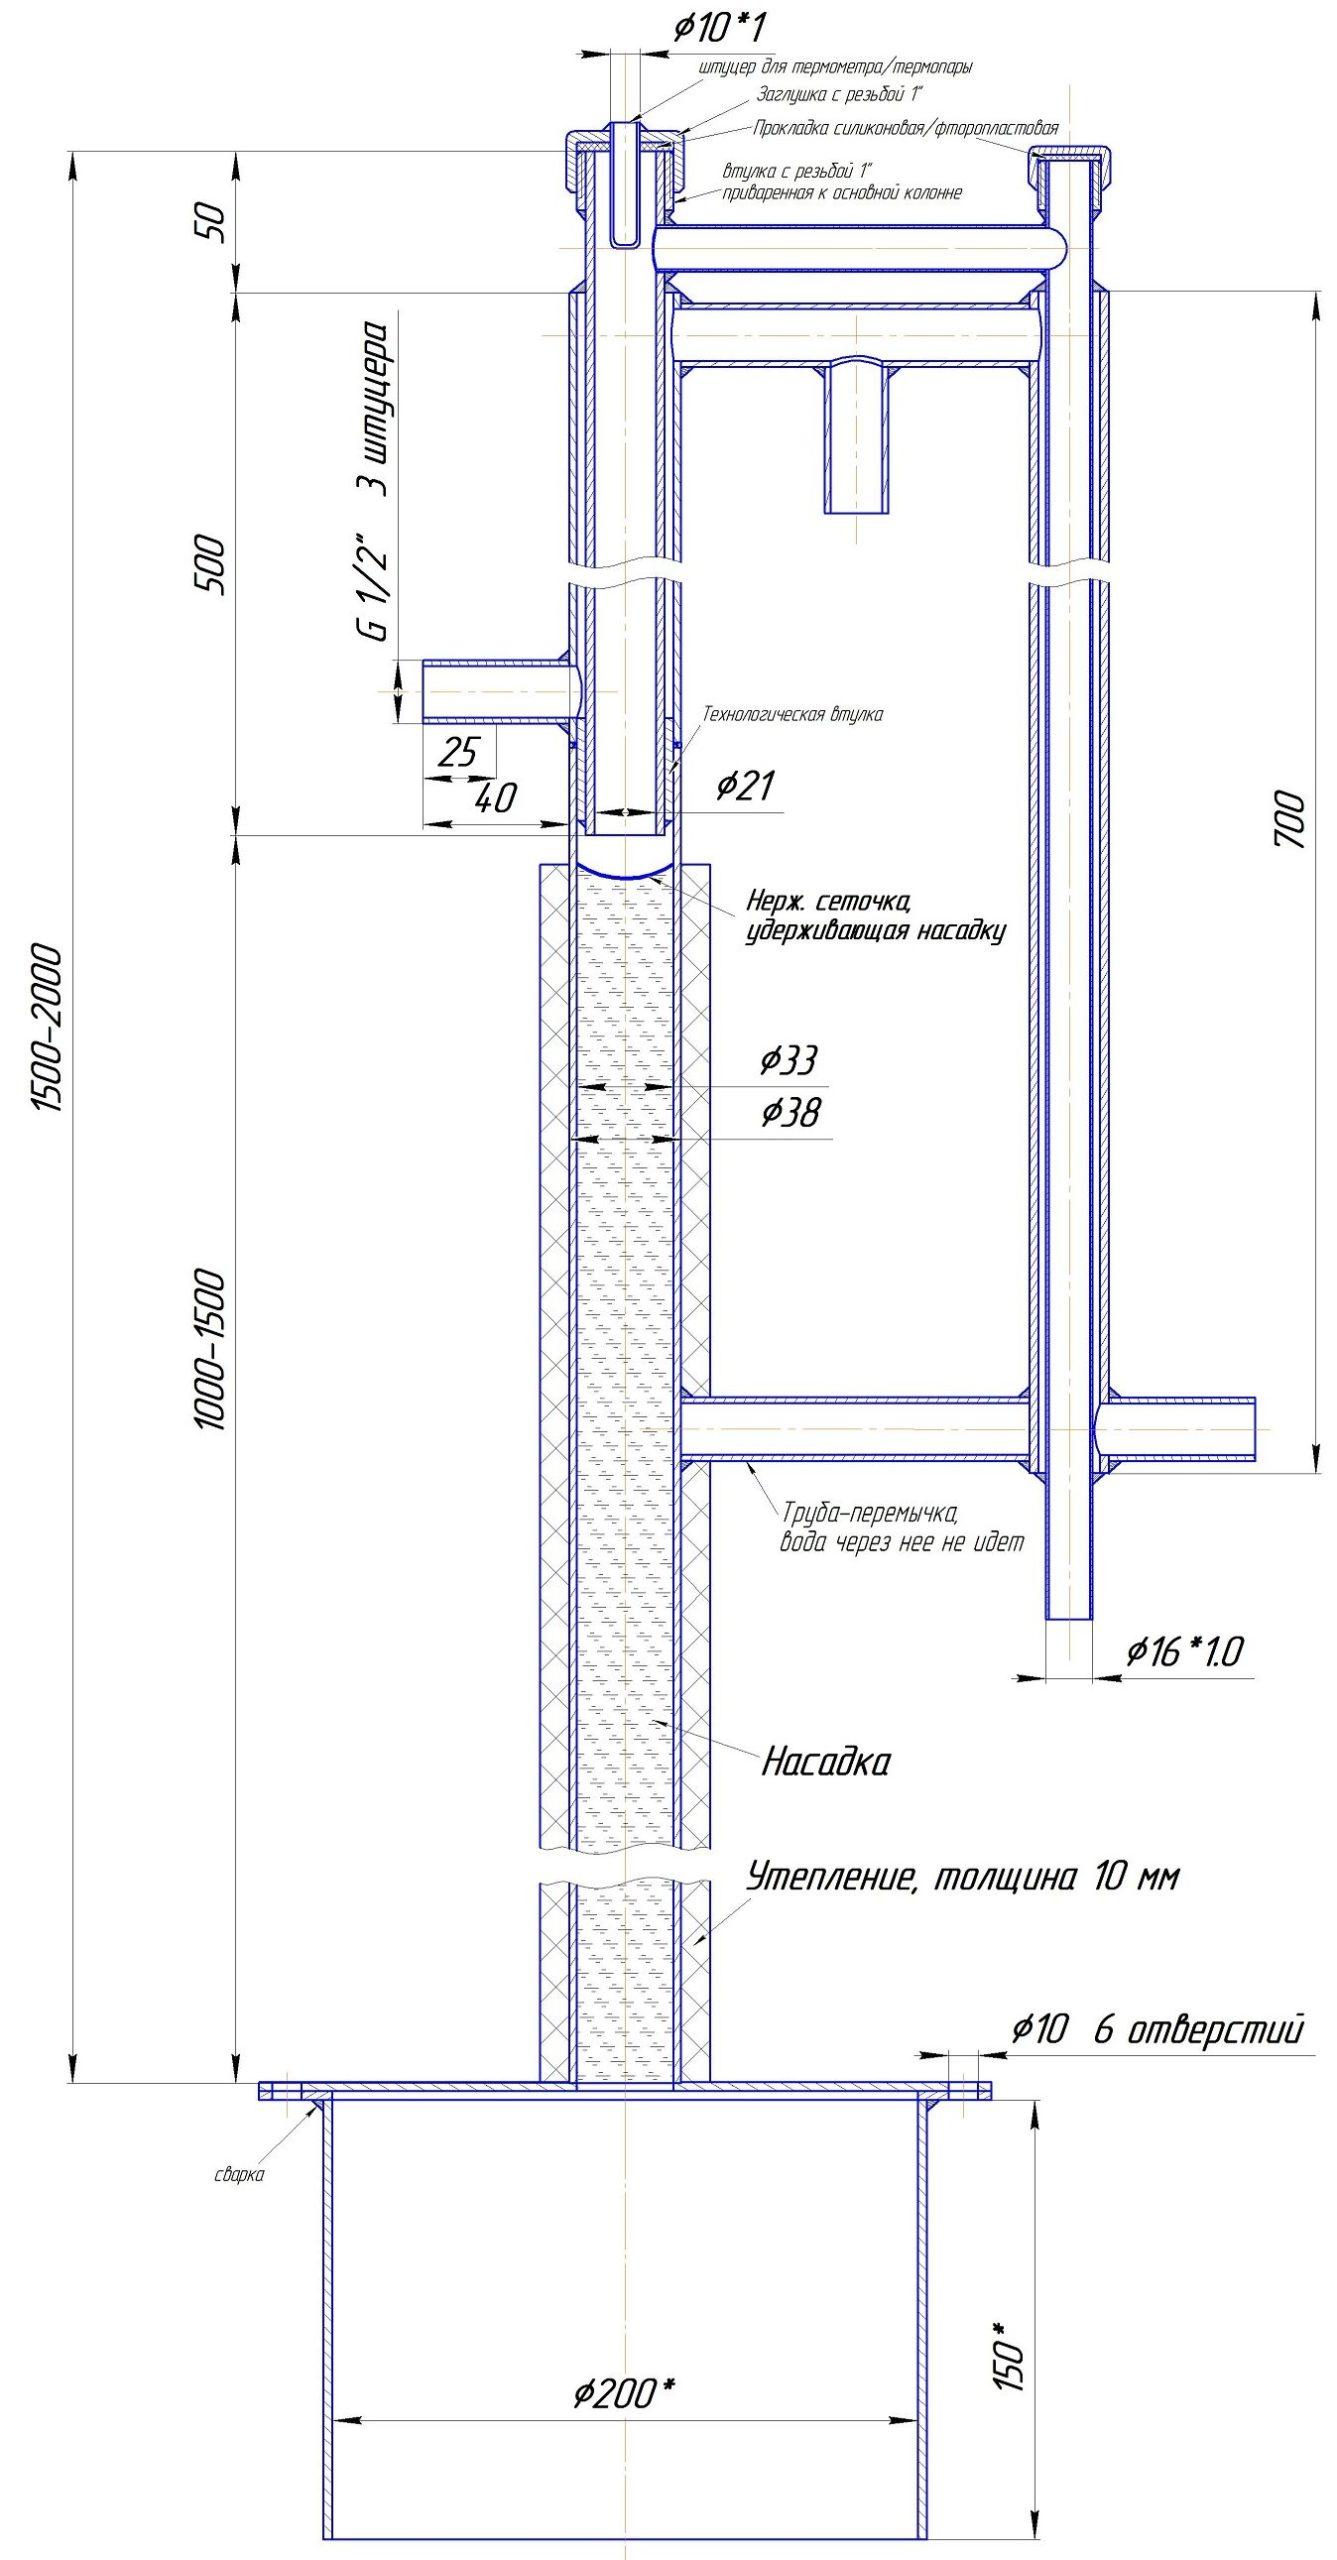 описание и конструкция, плюсы и минусы, материалы изготовления